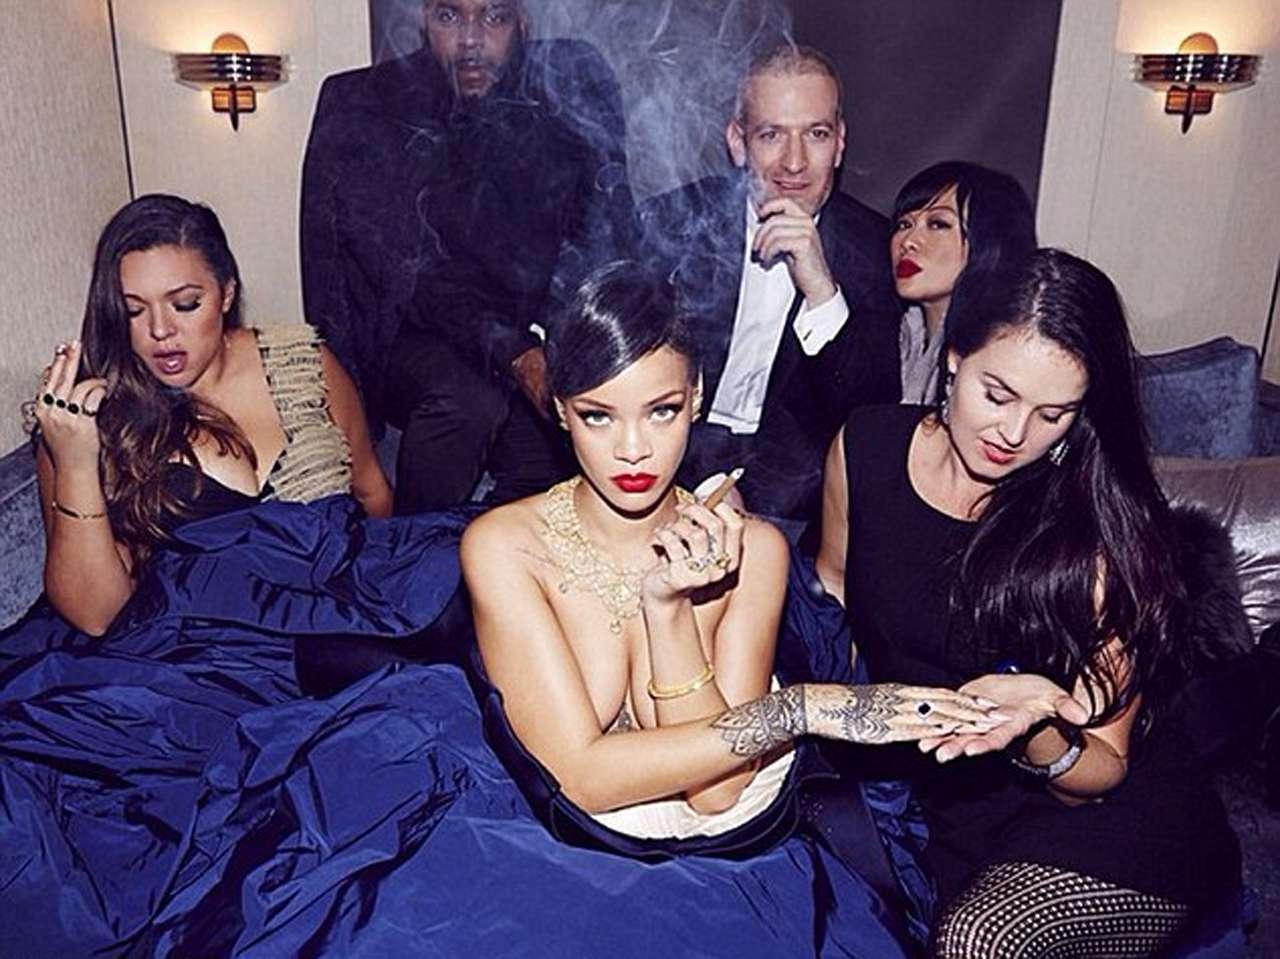 Rihanna se hizo rodear de su equipo para la sensual imagen. Foto: Instagram.com/badgalriri